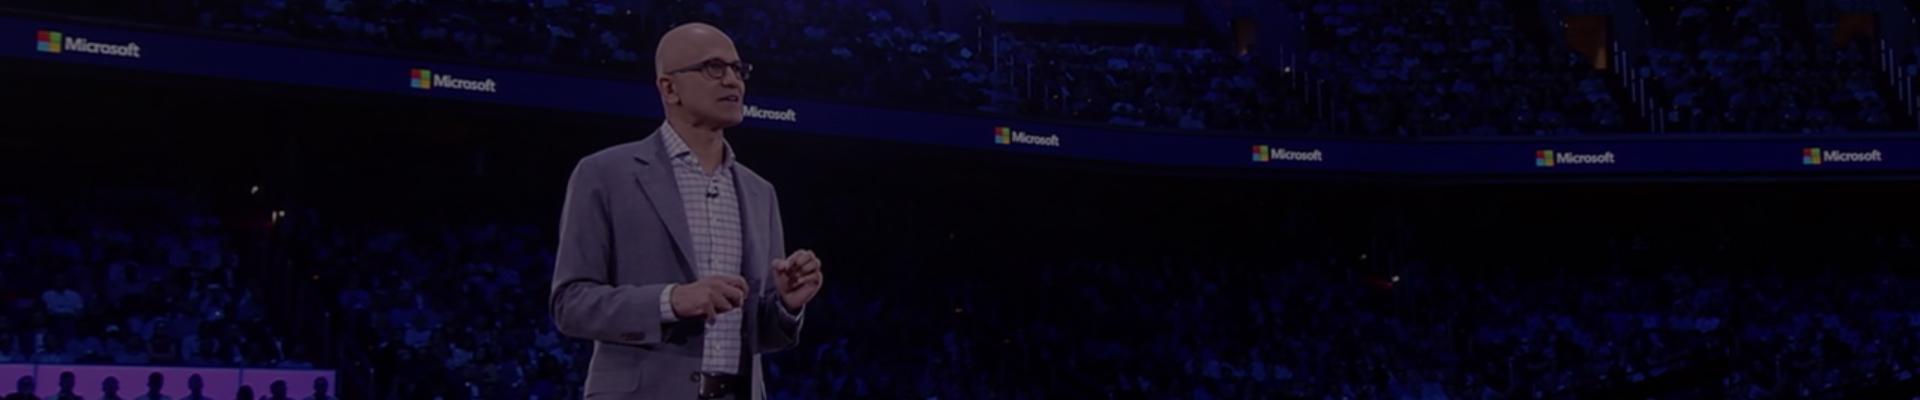 Bekijk de video waarin Satya Microsoft 365 aankondigt